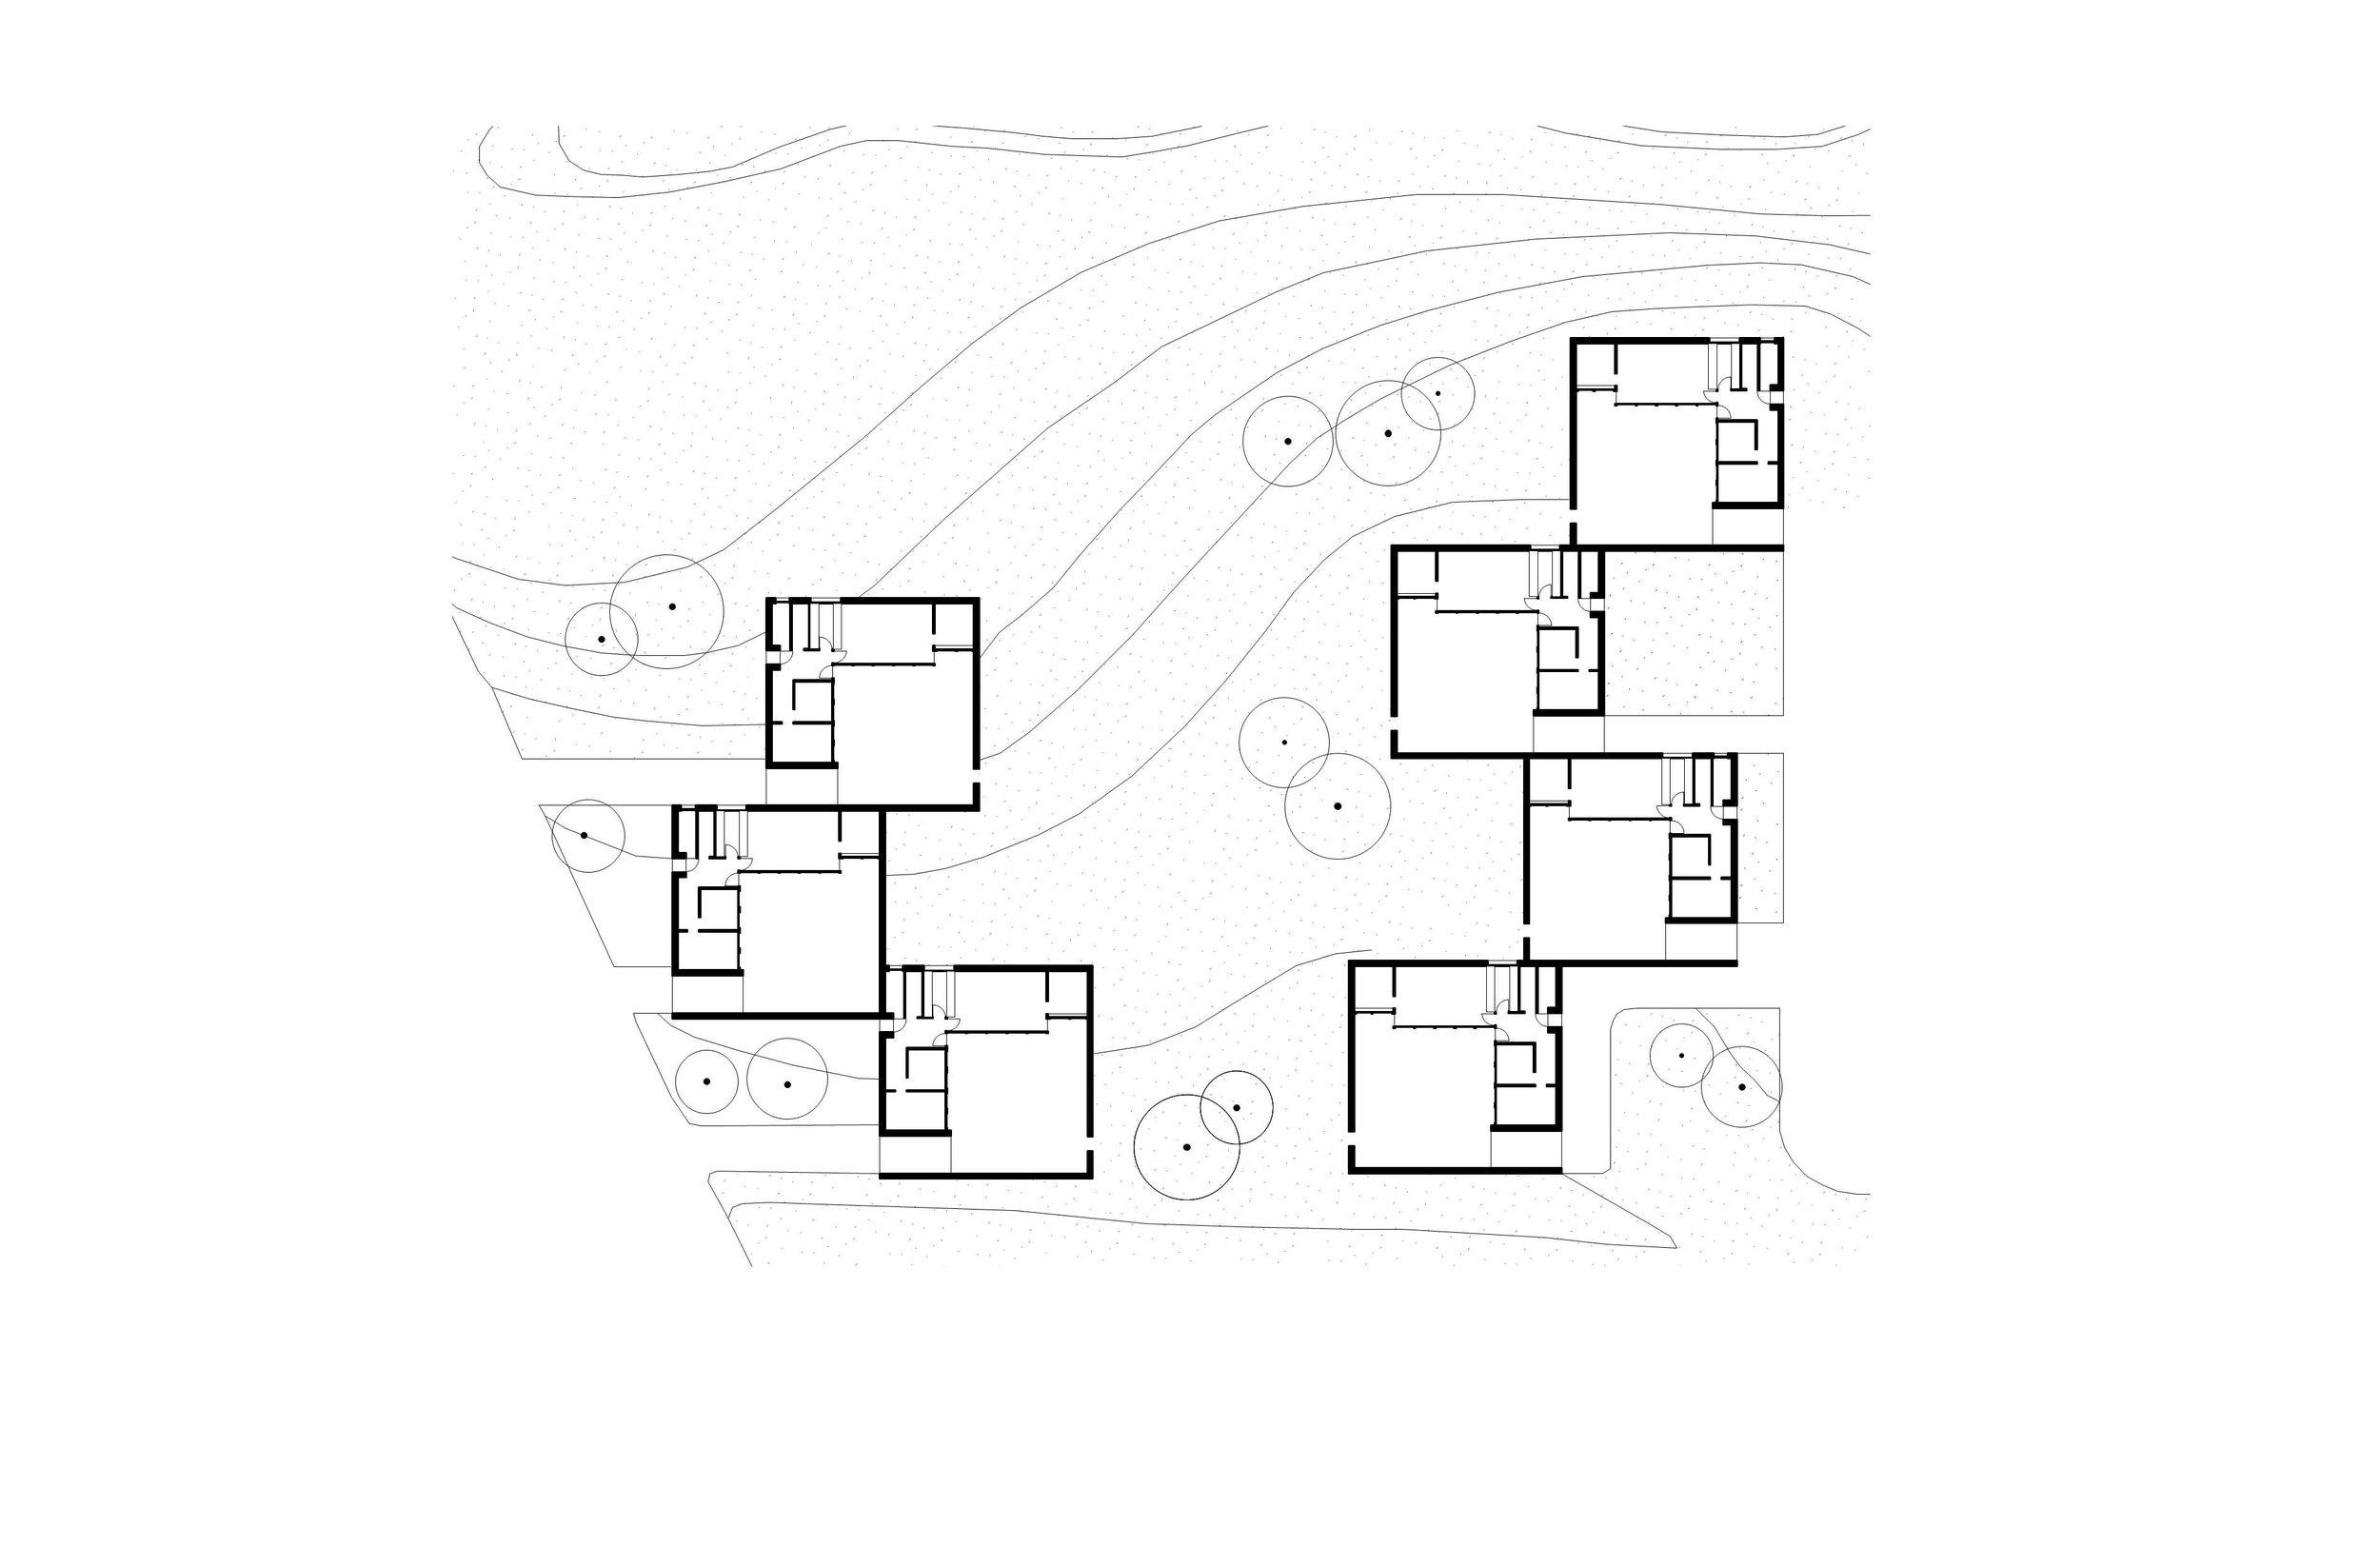 Fig 6. Kingo Houses, Helsingør, Denmark, Jørn Utzon. Author's own drawing